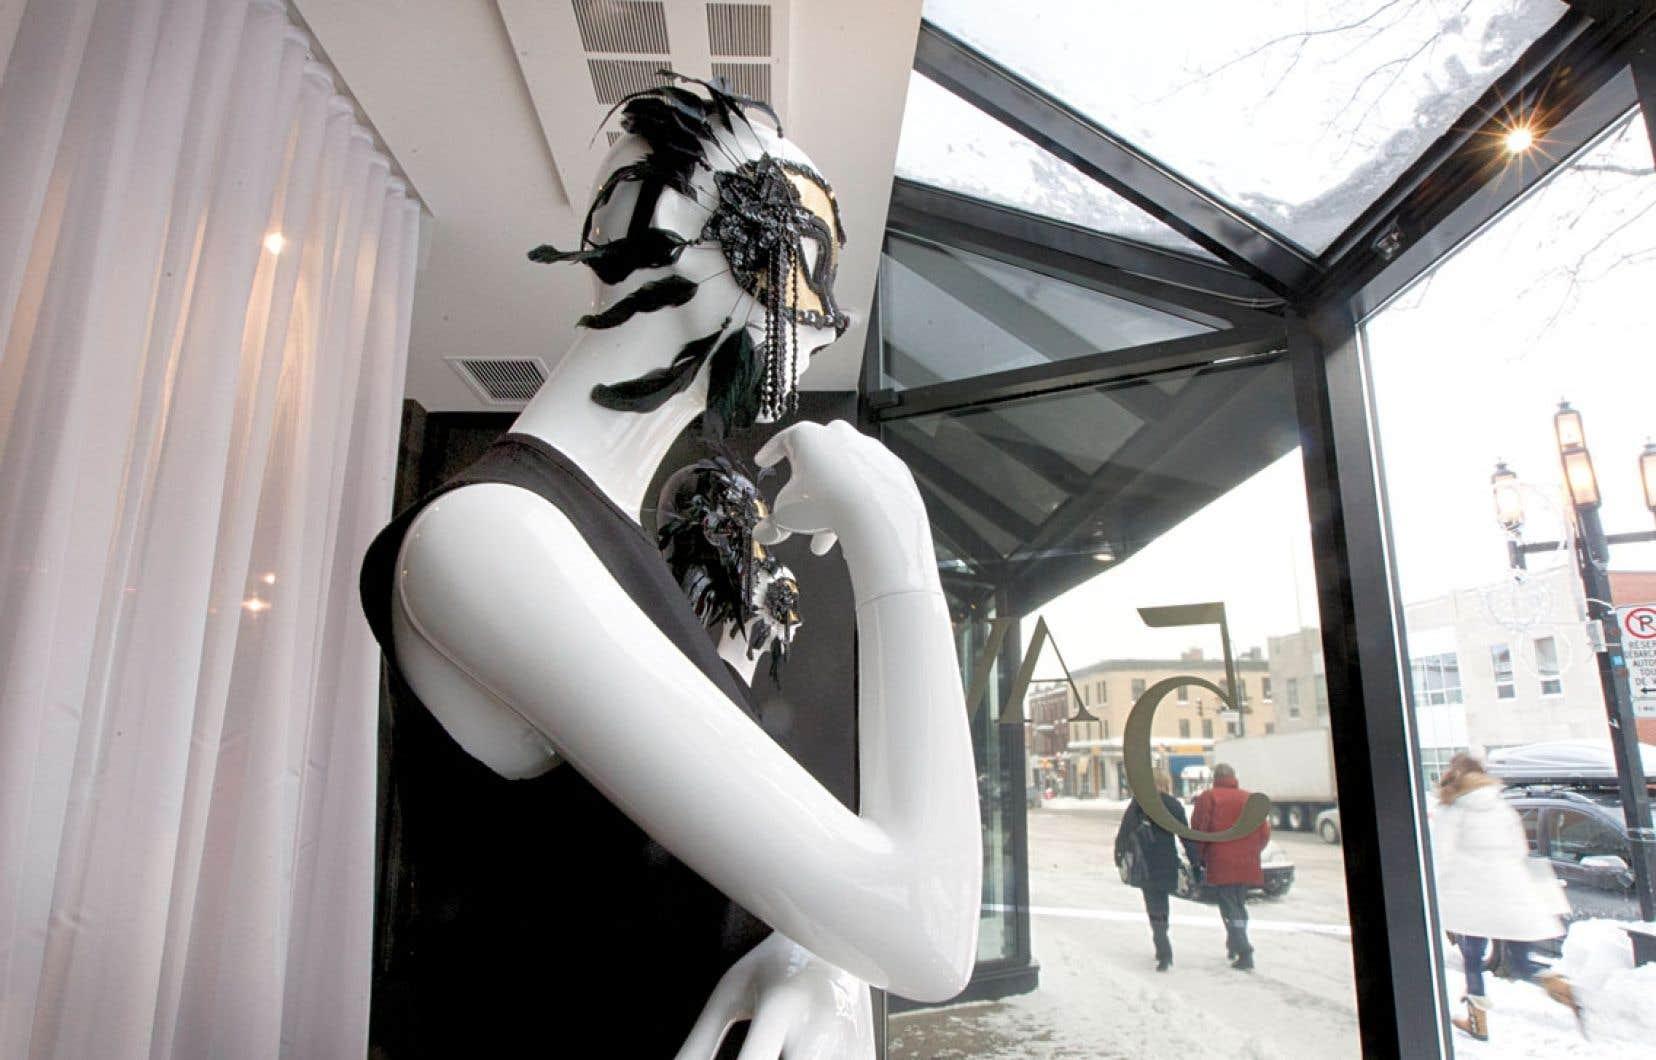 L'effritement de l'offre en mode et design haut de gamme n'a par chance pas atteint la boutique 5eAvenue, sise rue Laurier Ouest, qui vient de fêter ses 25 ans. Dans cette oasis où règne la beauté à l'état pur, les tendances éphémères ou clinquantes n'ont pas leur place.